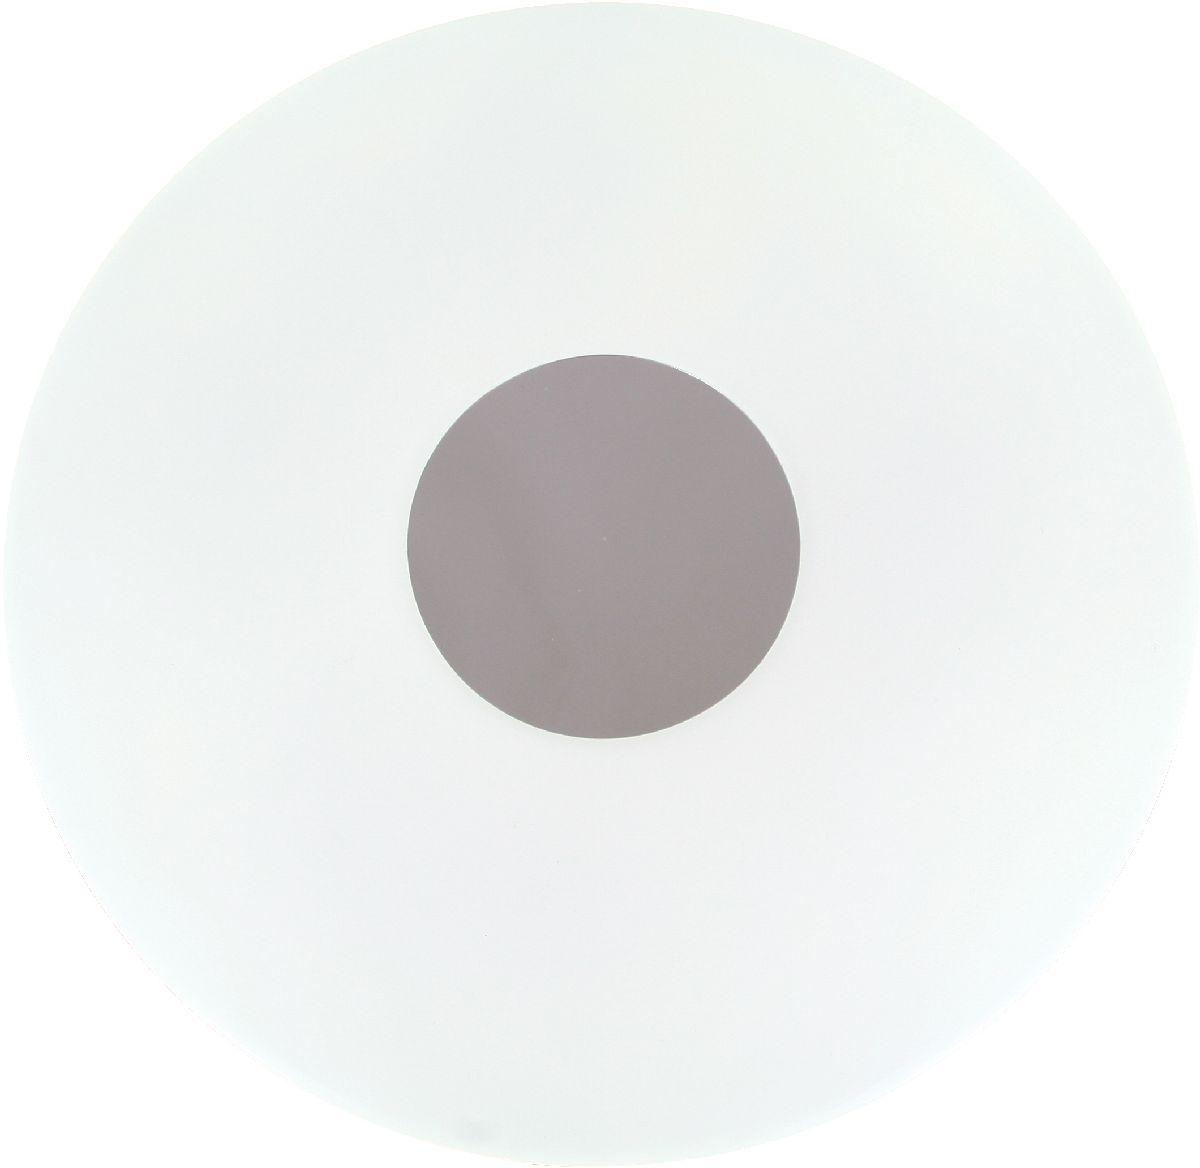 Светильник настенно-потолочный Camelion LBS-0403 , LED, 24W, 4500K. 1268012680